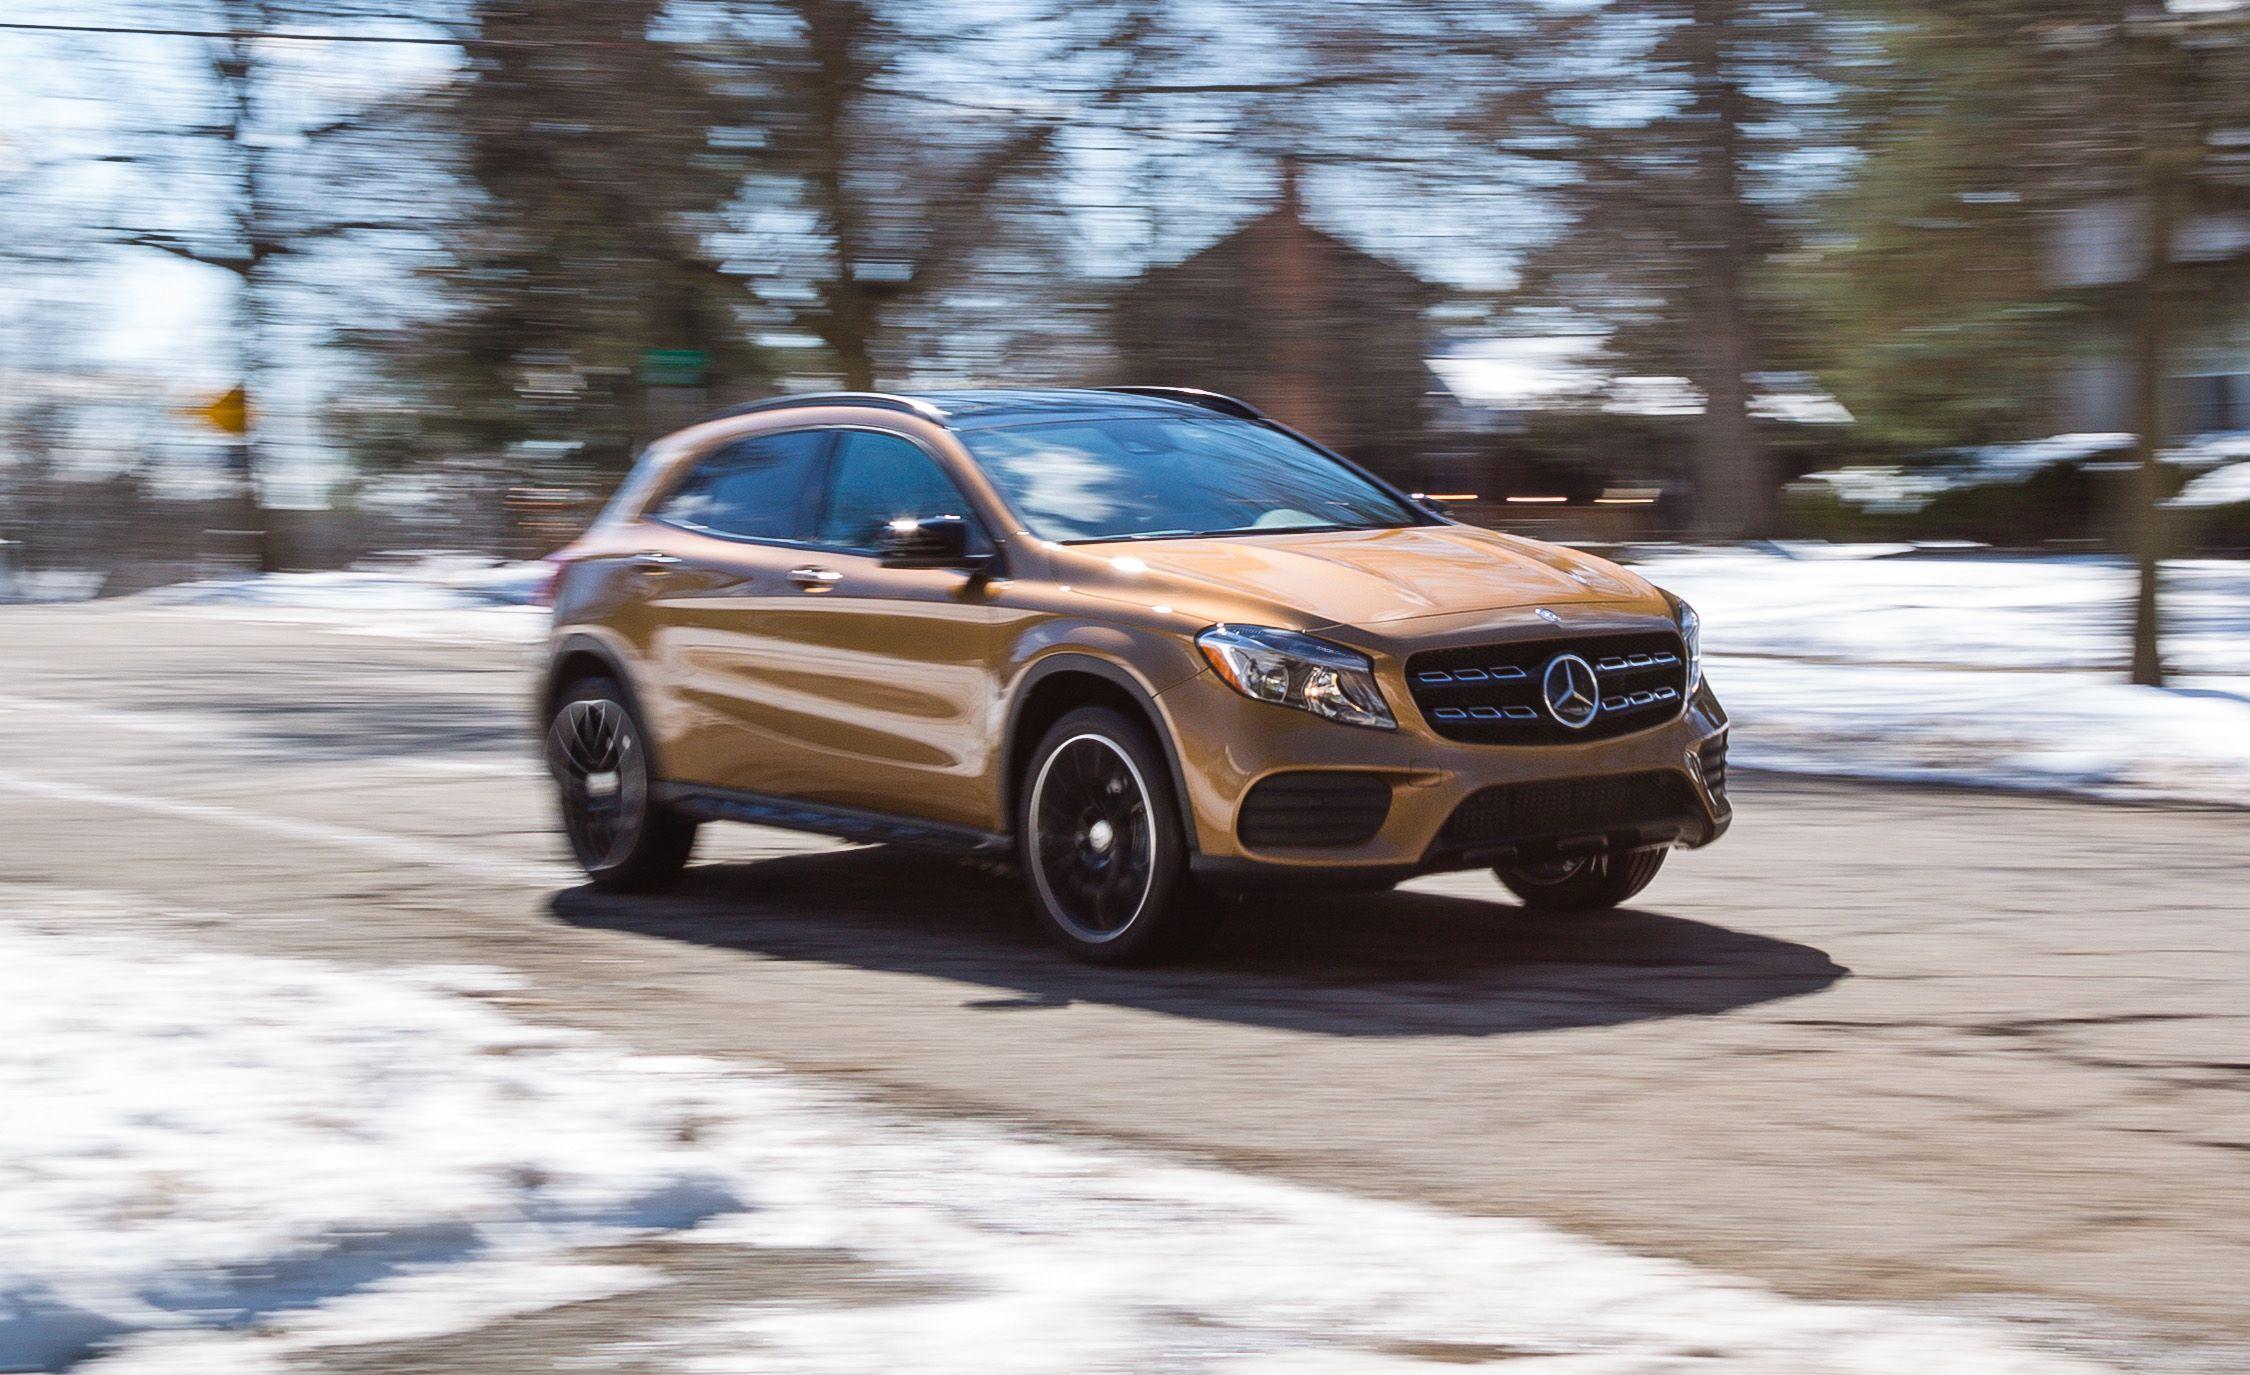 2018 Mercedes-Benz GLA250 4MATIC